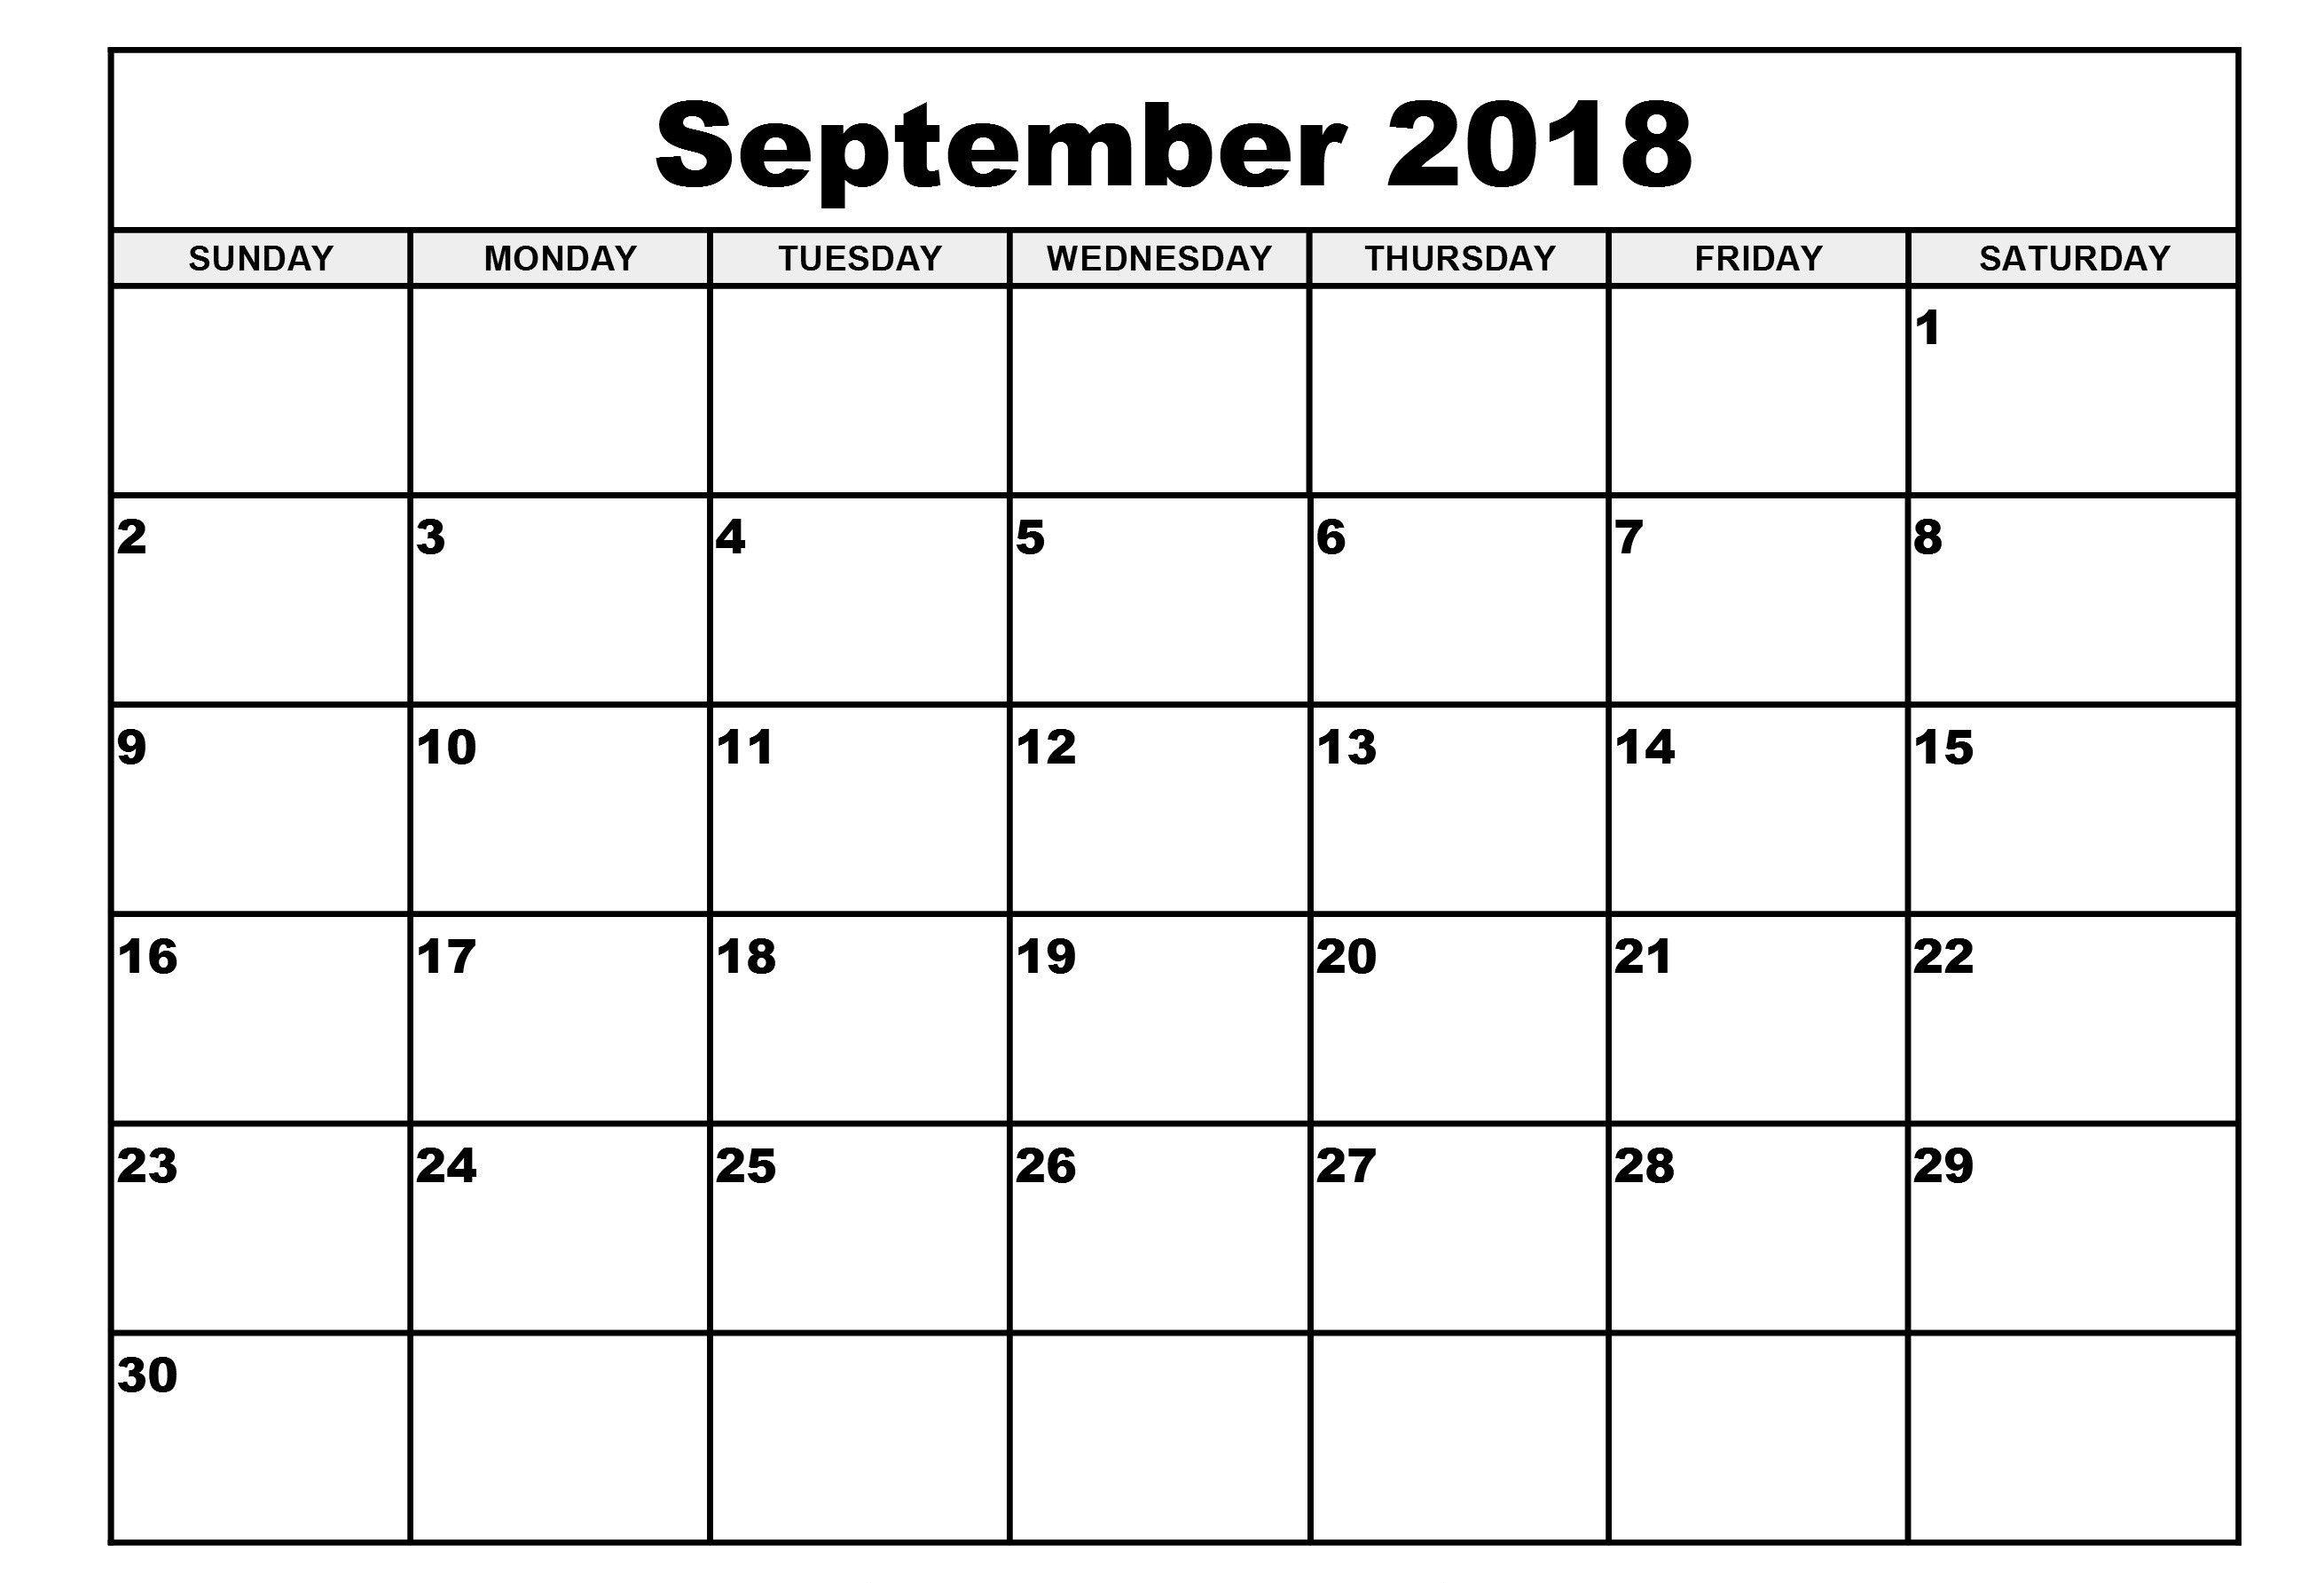 September 2018 Calendar Spanish Word Excel Pdf | September 2018